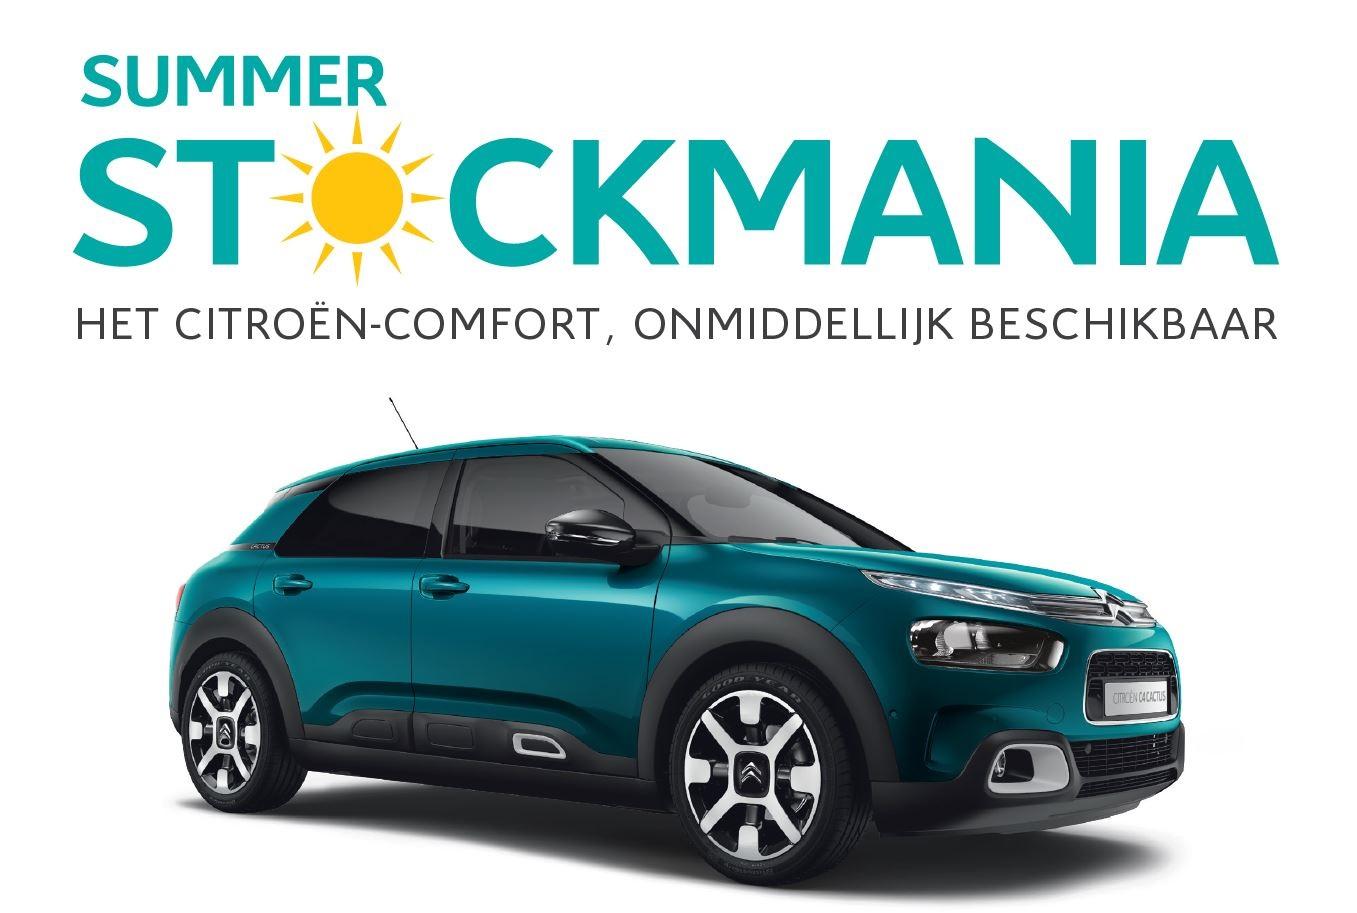 SummerStockMania_C4Cactus